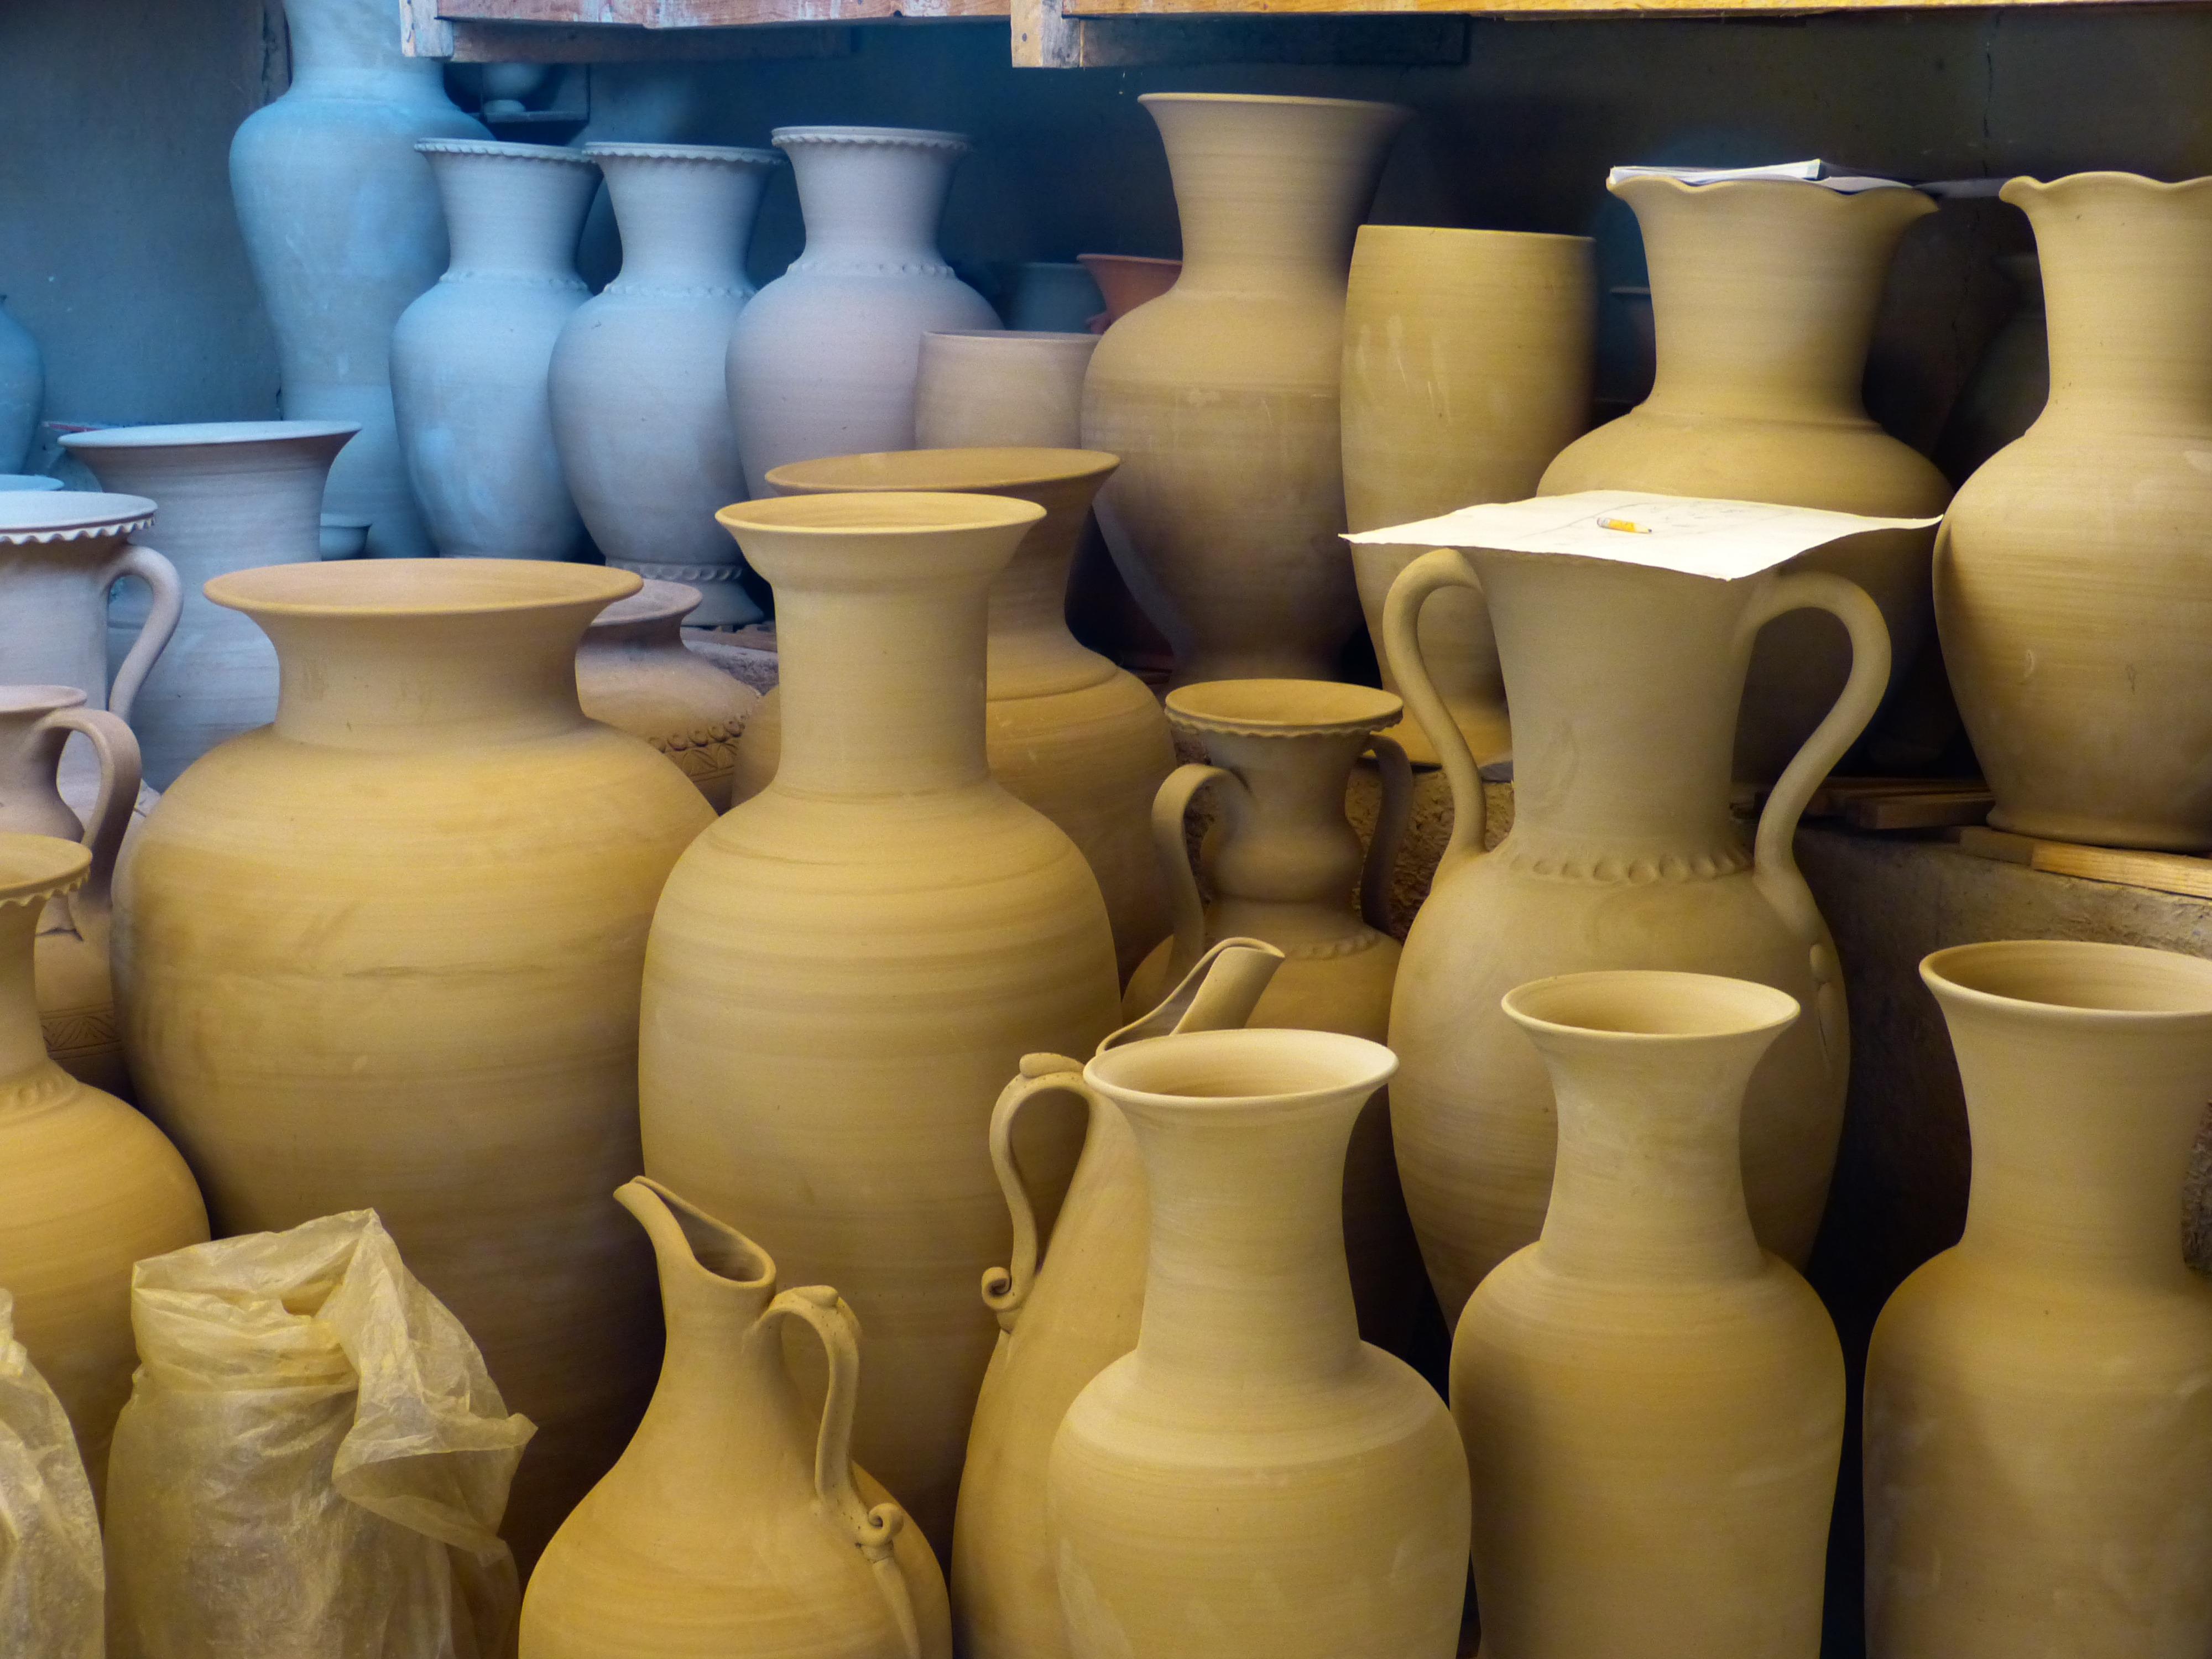 керамические картинки фото бани